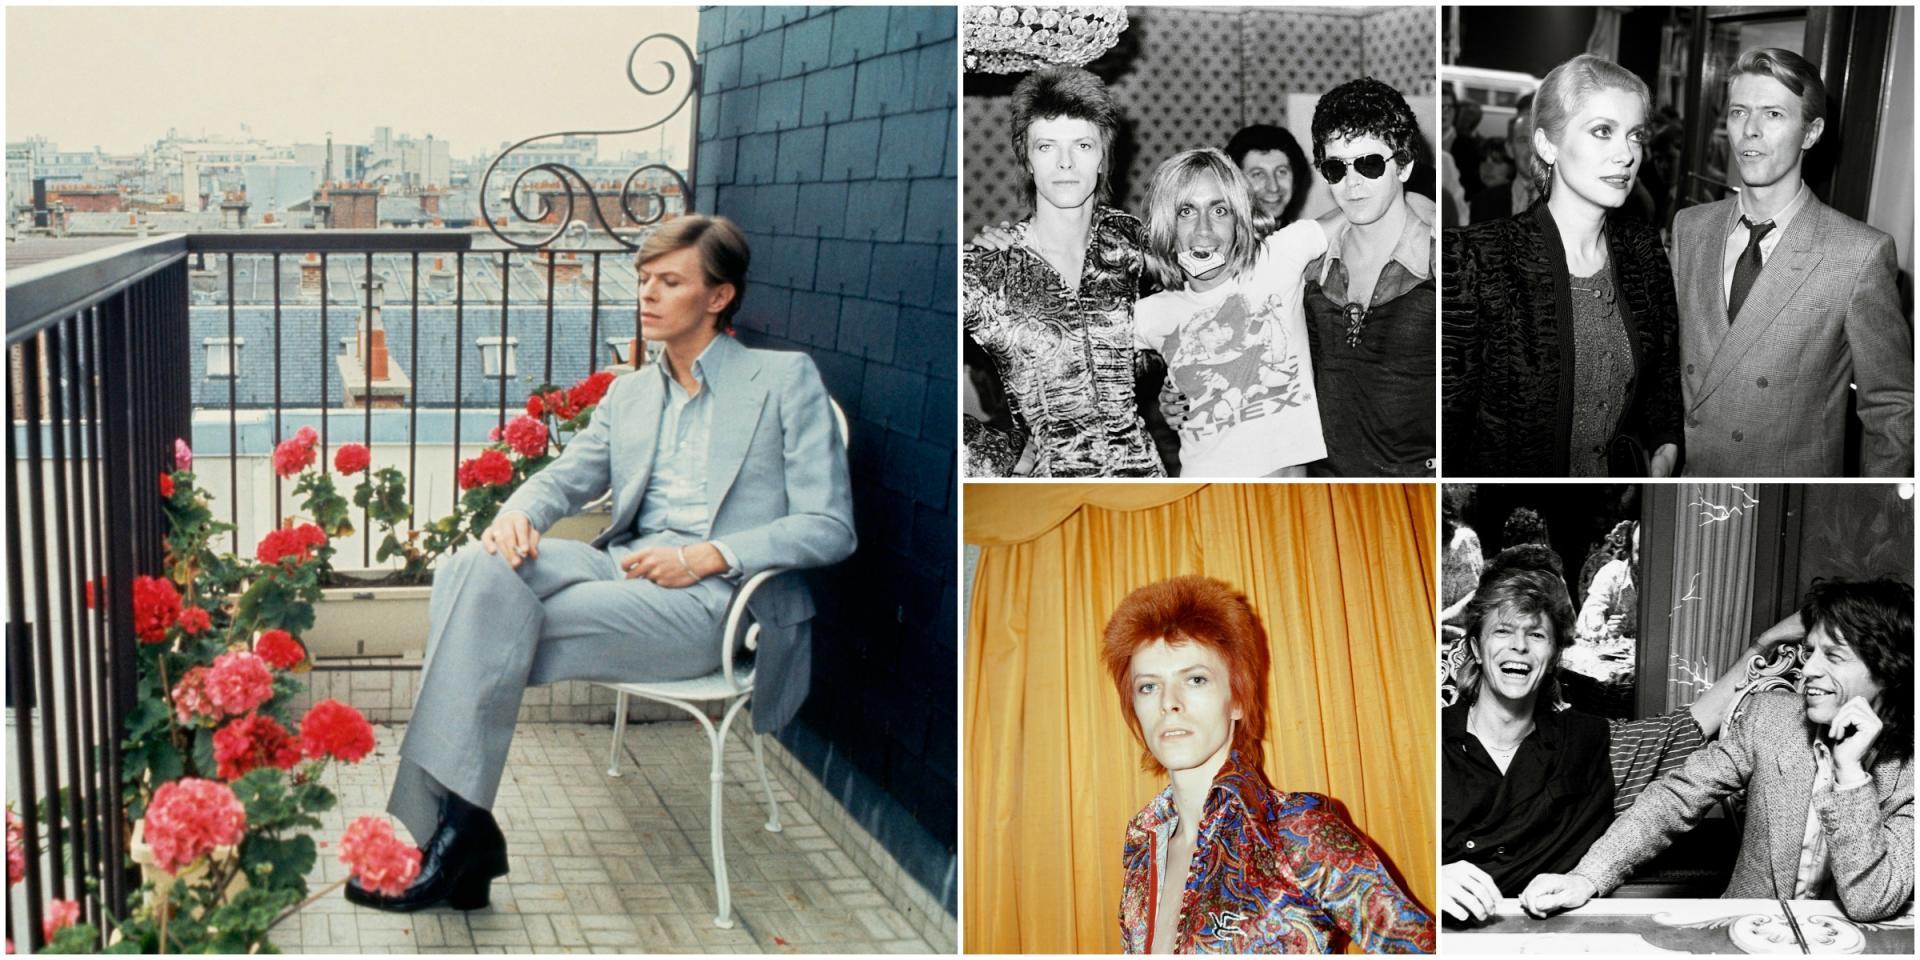 """A gauche : David Bowie à Paris, en 1977. A droite (de gauche à droite et de haut en bas) : avec Iggy Pop et Lou Reed, à Londres, en 1972 ; avec Catherine Deneuve, en 1982, lors du tournage des """"Prédateurs"""" ; Bowie époque Ziggy, en 1973 ; avec Mick Jaegger, à Londres, en 1987."""